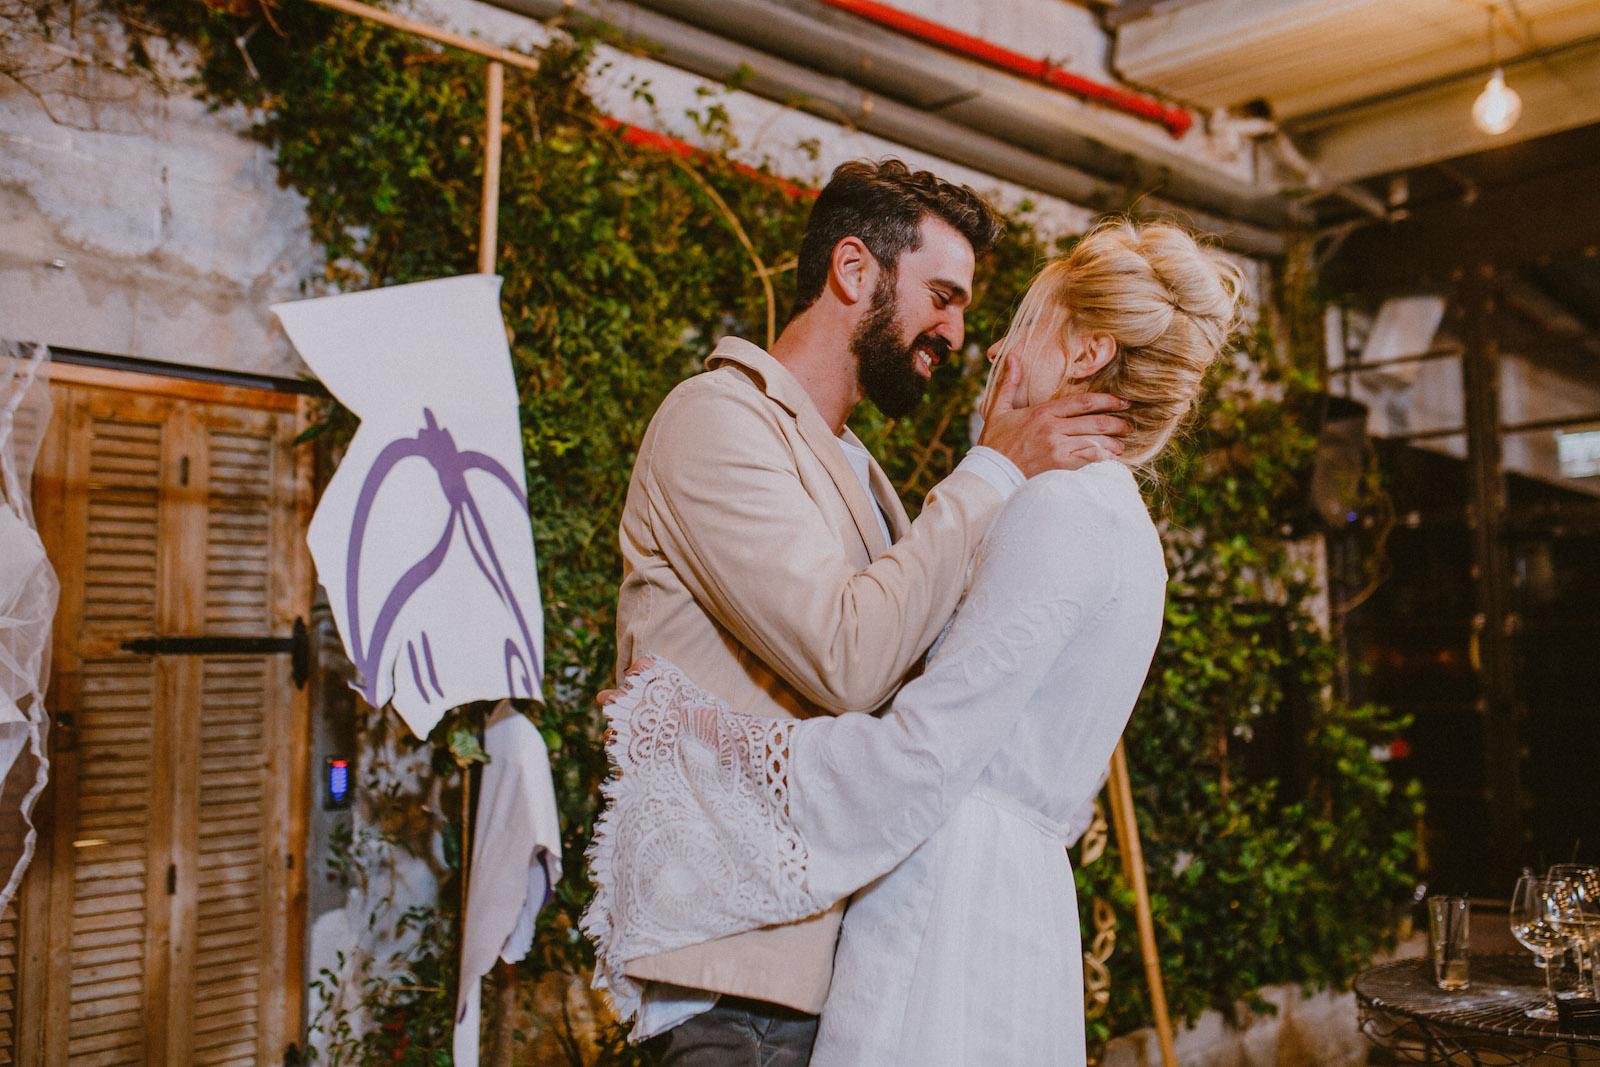 שברו שגרה: חמישה טקסי חופה עם טוויסט